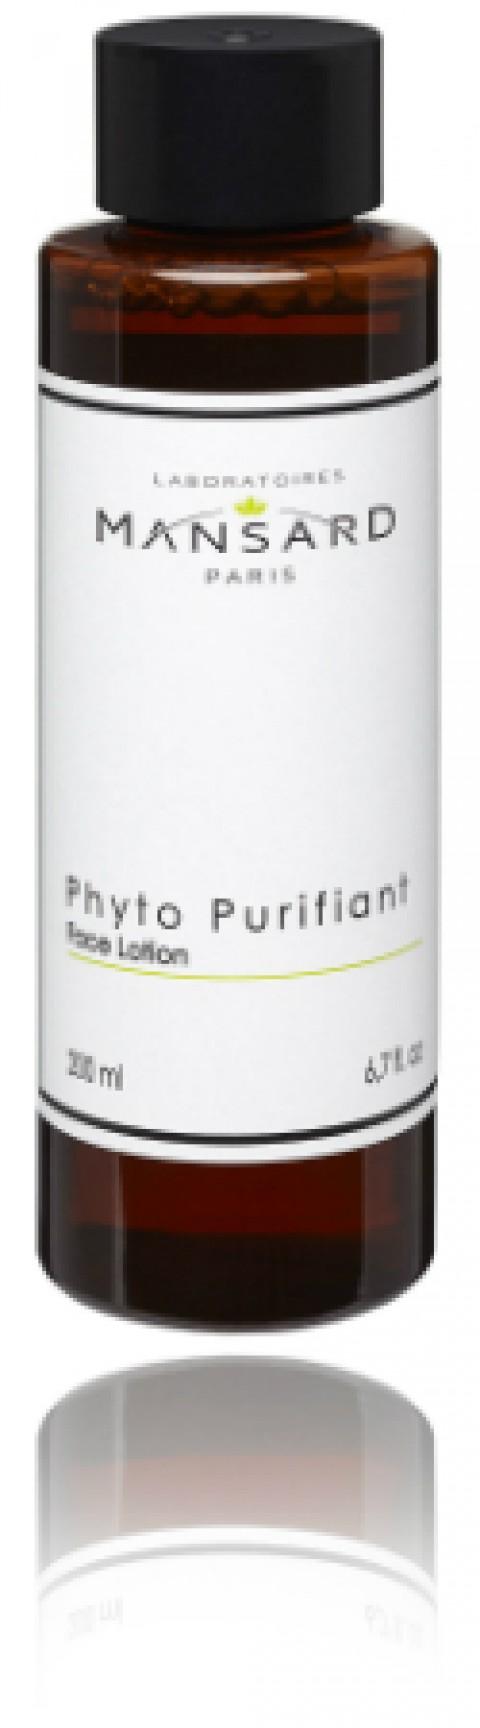 Cadeau : recevez une miniature du sérum Phyto Purifiant Nettoyant 3 en 1 Mansard